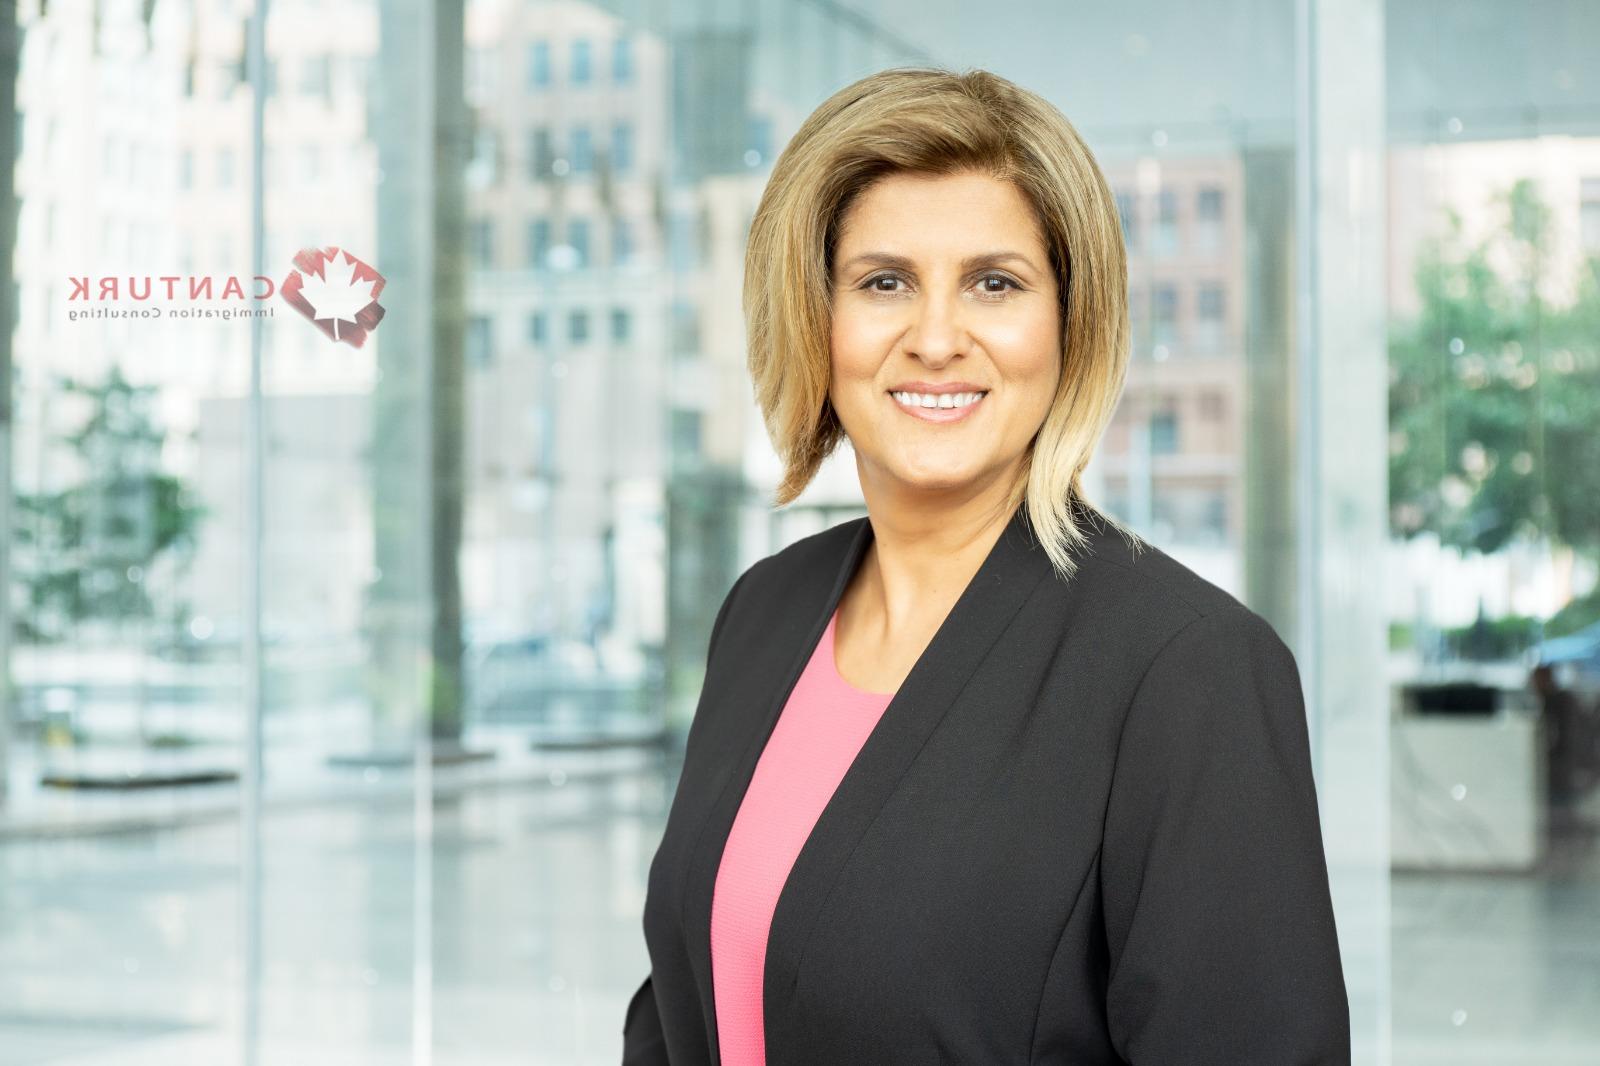 Filiz Tümer - Kanada Göçmenlik Danışmanı